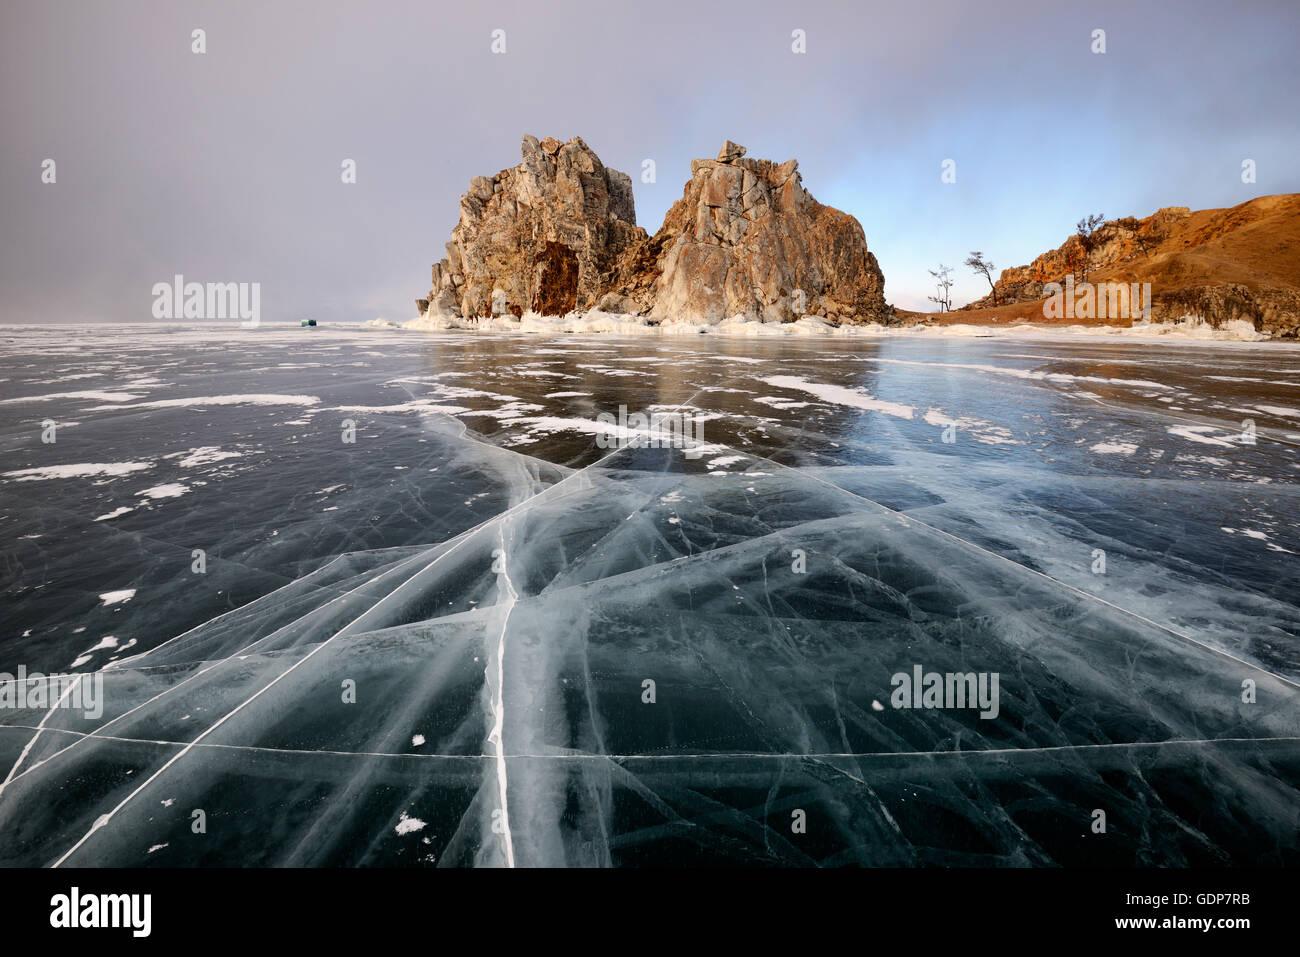 Blick auf gefrorenen Eis und Schamanka Rock am Kap Burchan, Baikalsee, Olchon, Sibirien, Russland Stockbild